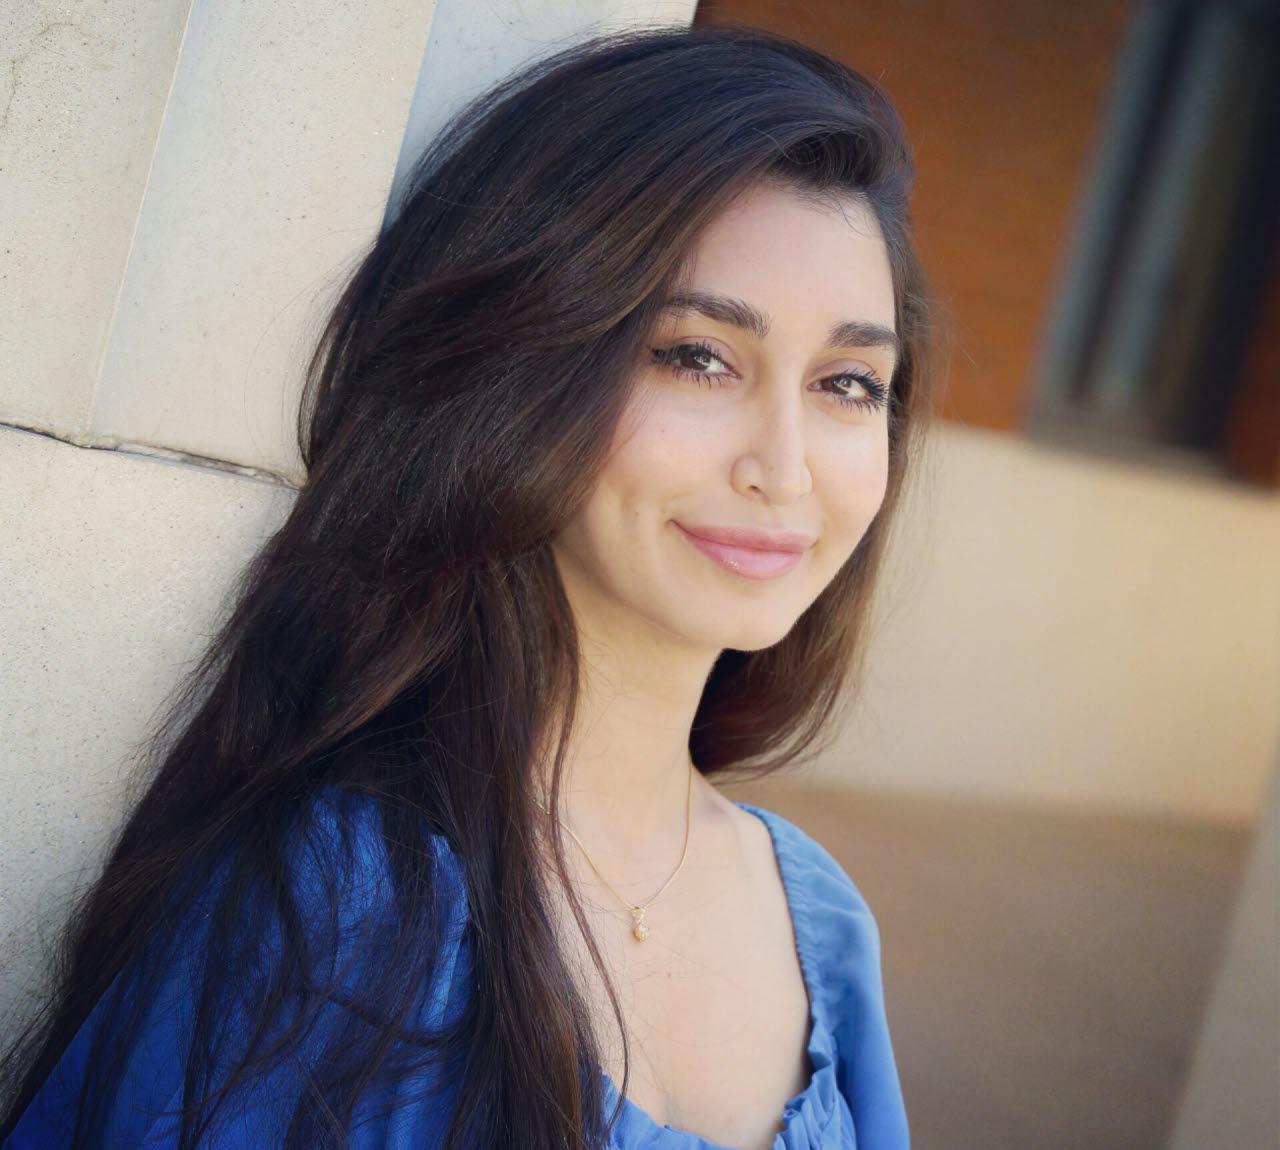 Sahar Rezazedeh